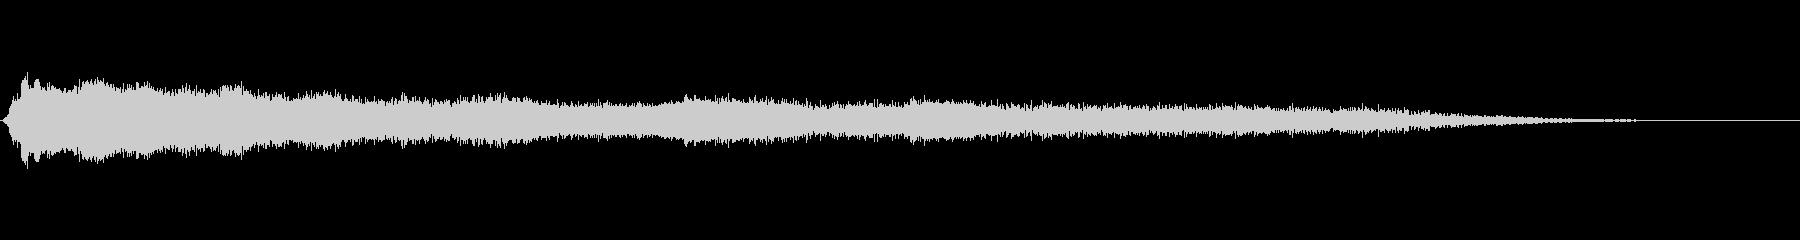 「ヒューン」シンセサイザーによる落下音の未再生の波形